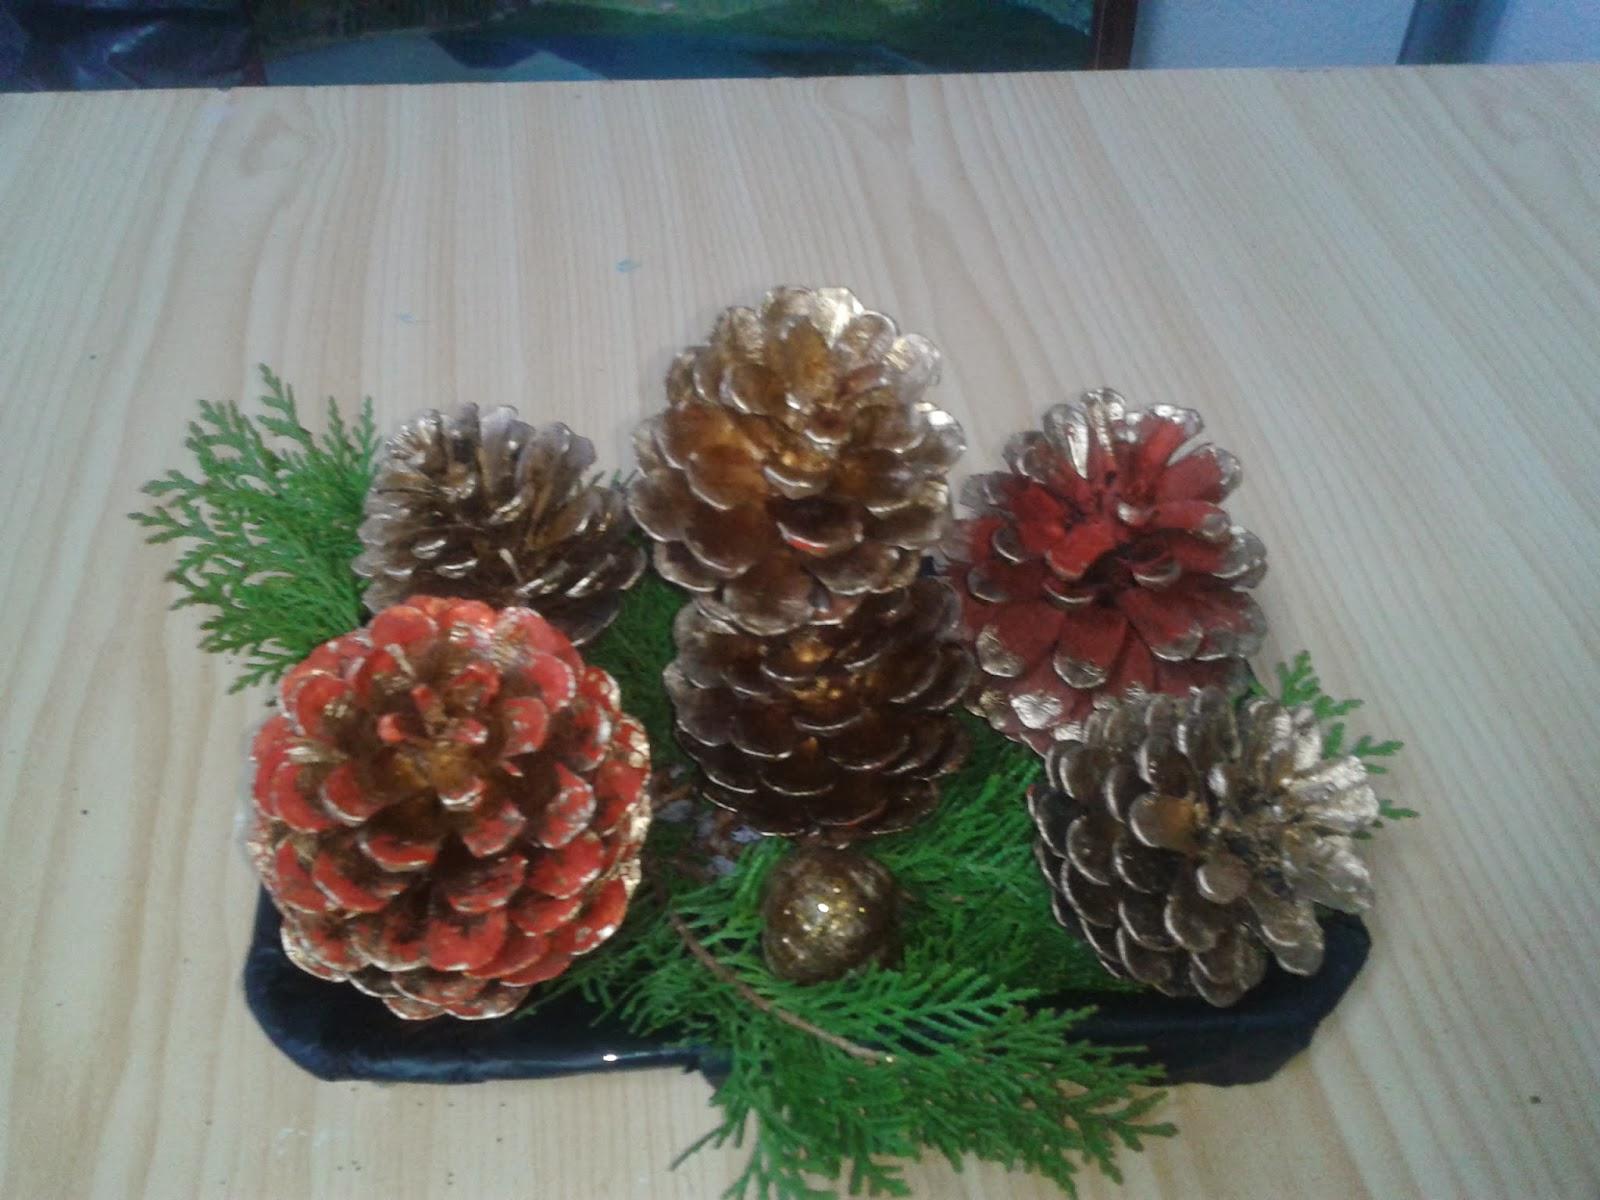 Centros de mesa de navidad con pi as parte 2 - Centros de mesa con pinas ...